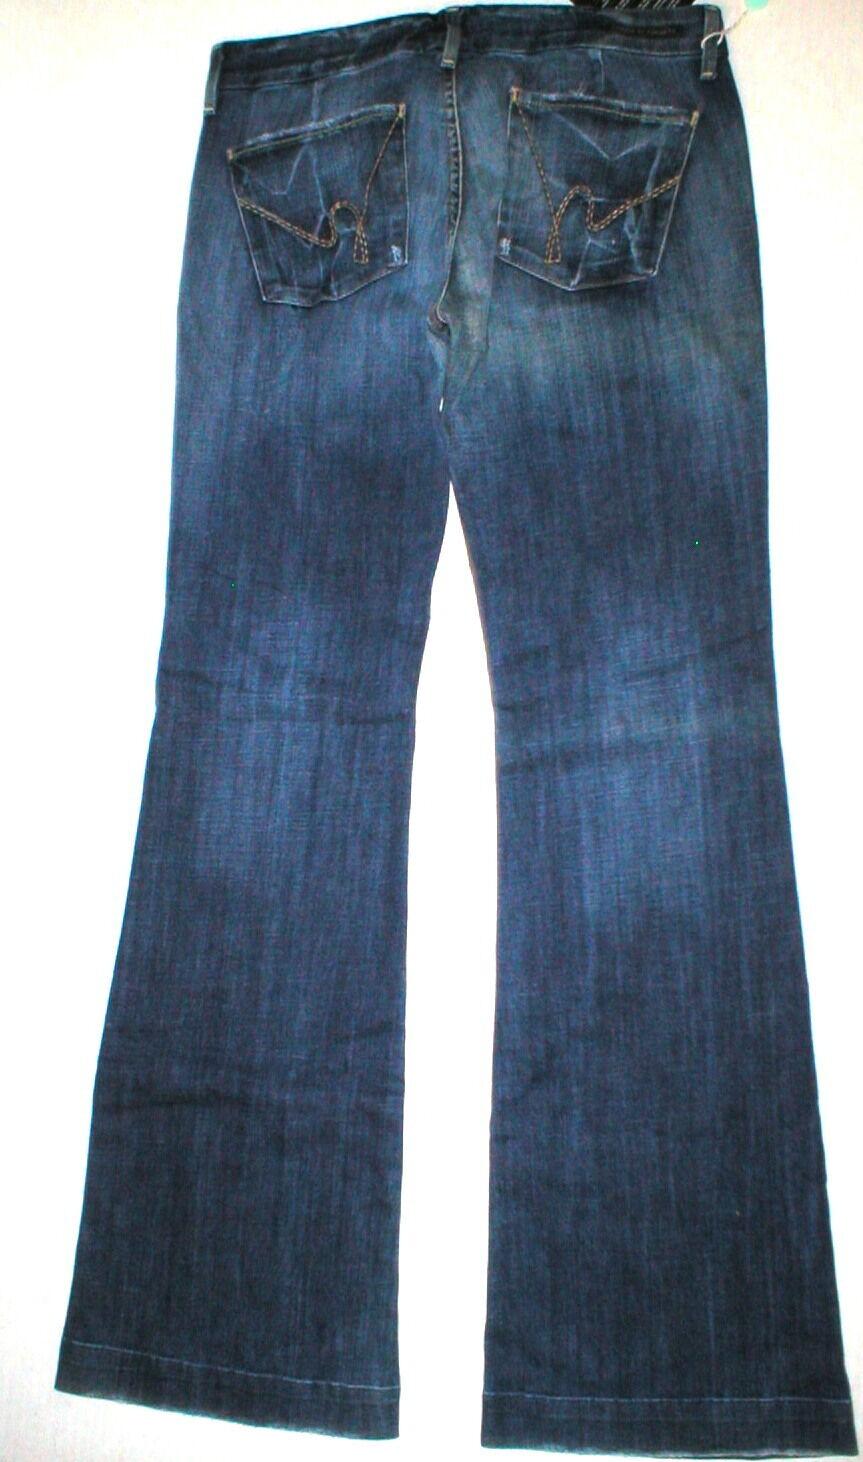 Nueva camiseta para mujer de diseñador  Citizens of Humanity Faye Jeans 31 USA de pierna ancha con aspecto envejecido  mejor precio